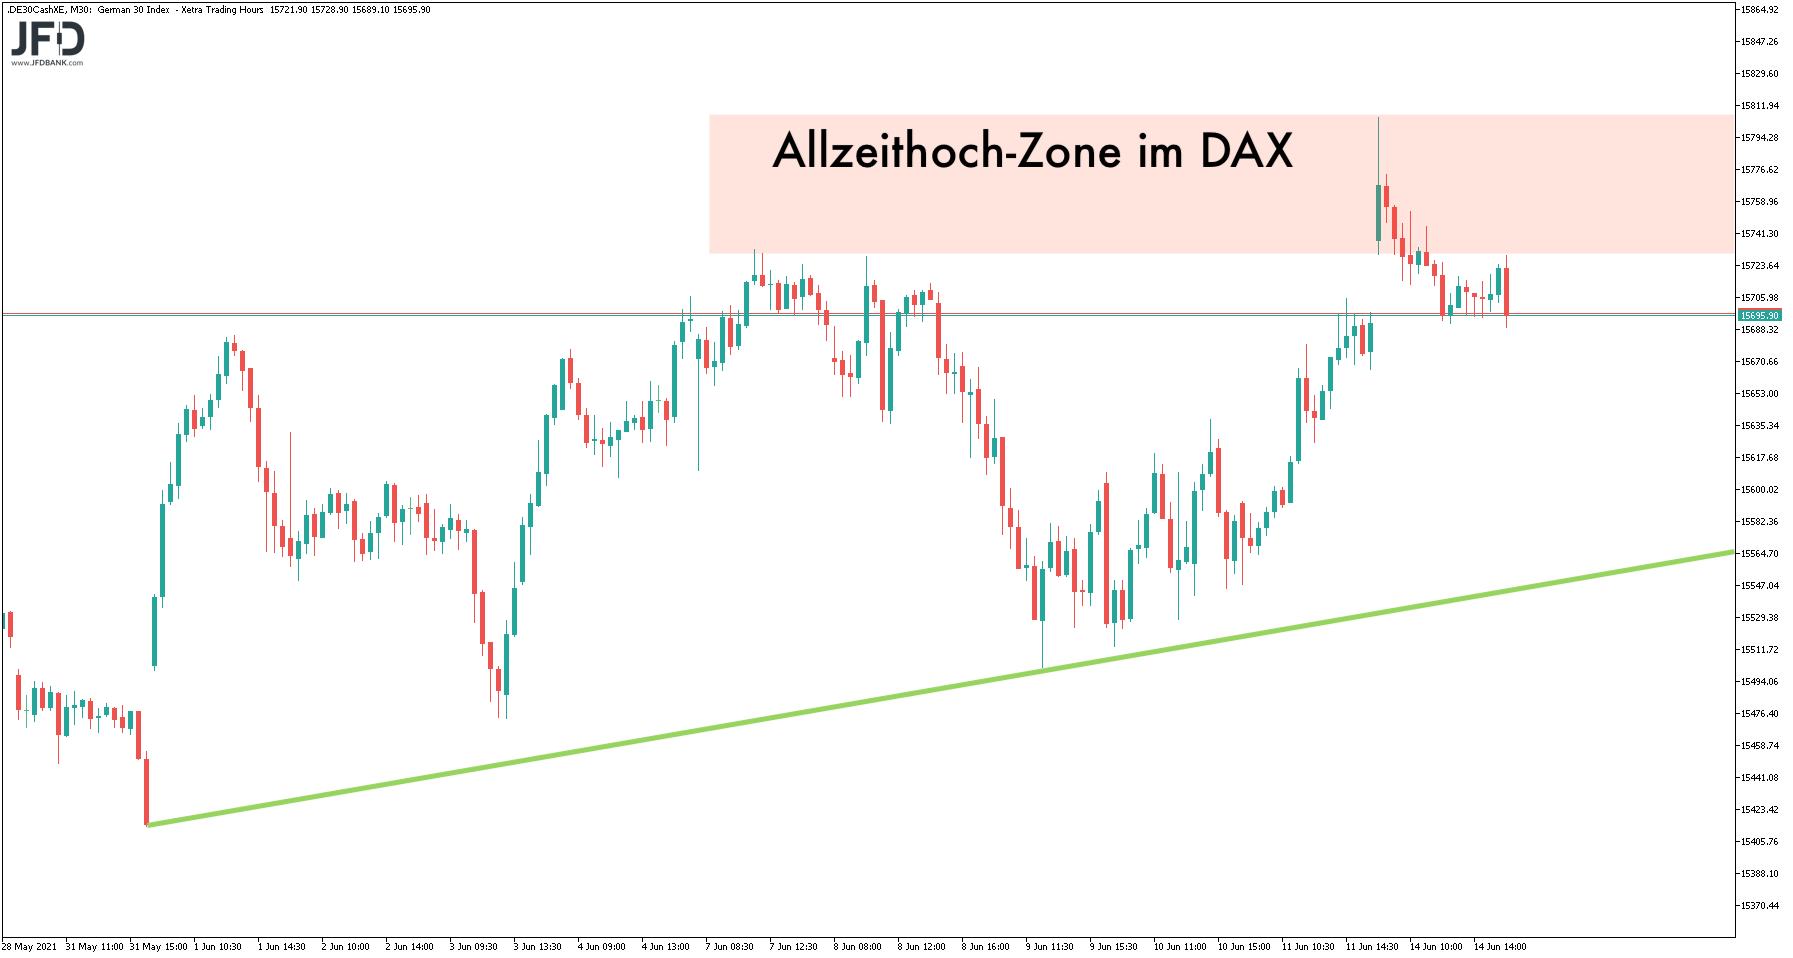 DAX-Zone des Allzeithochs